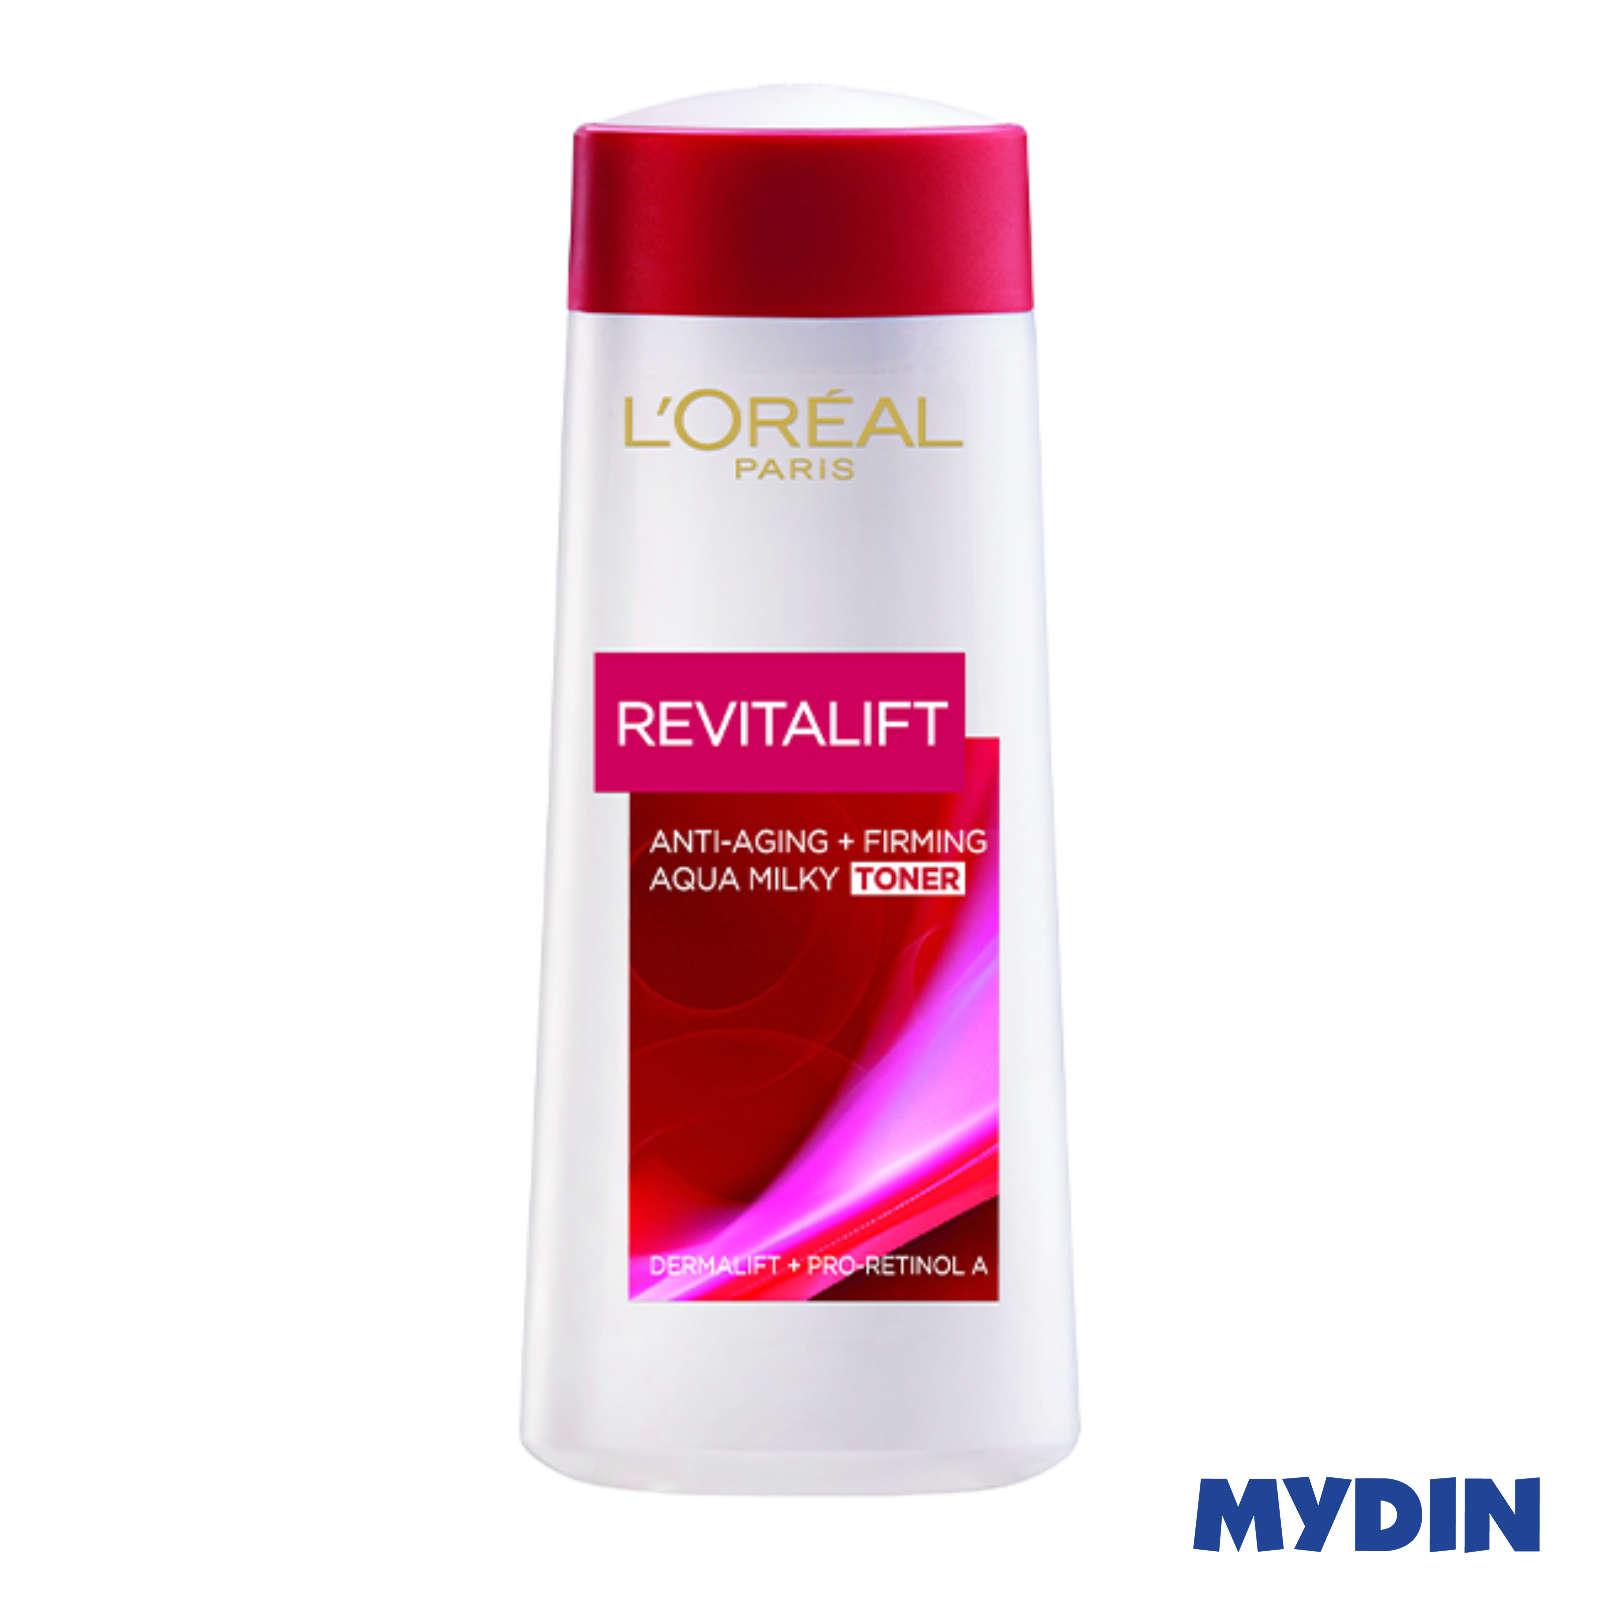 L'Oreal Paris Revitalift Aqua Milky Toner (200ml)